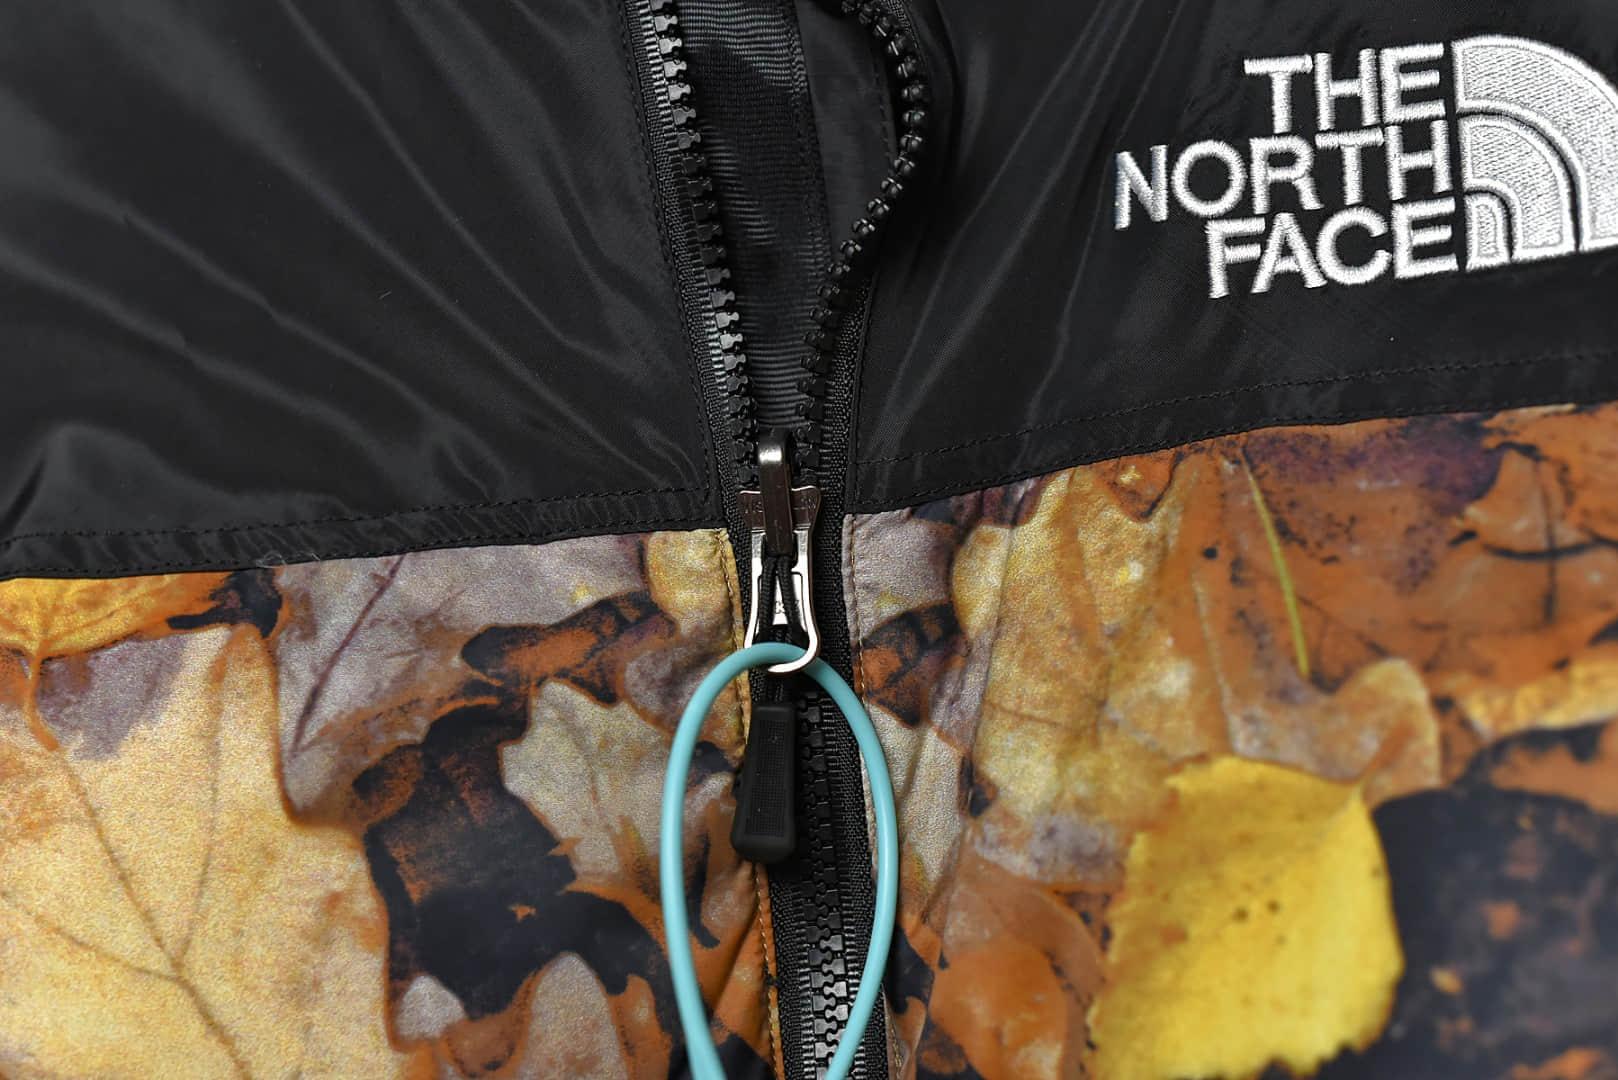 北面sup联名落叶羽绒服 THE NORTH FACE 正品品质北面 充绒量高达500g日本进口田岛刺绣-潮流者之家